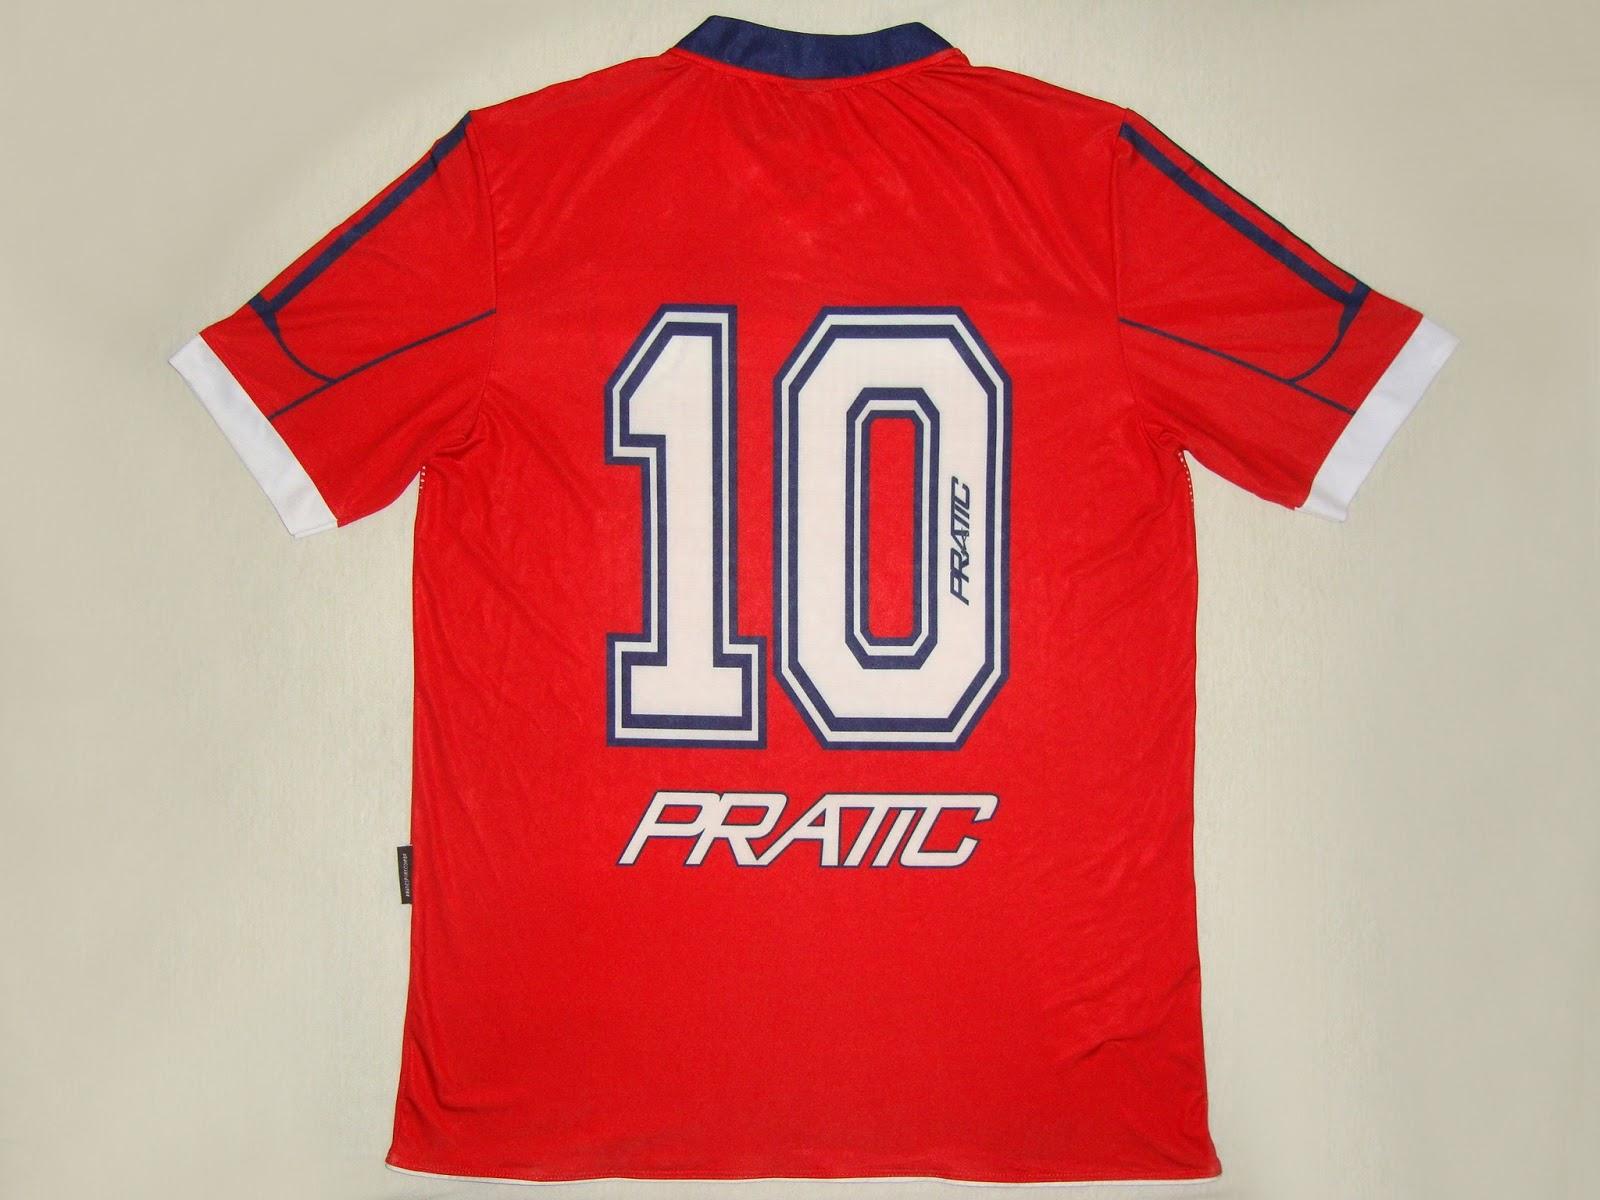 Esta camisa do Vilavelhense Futebol Clube foi fabricada pelo fornecedor de  material esportivo Pratic Sport. Acesse o site e conheça mais sobre a  empresa e ... 56472ea1a8b65